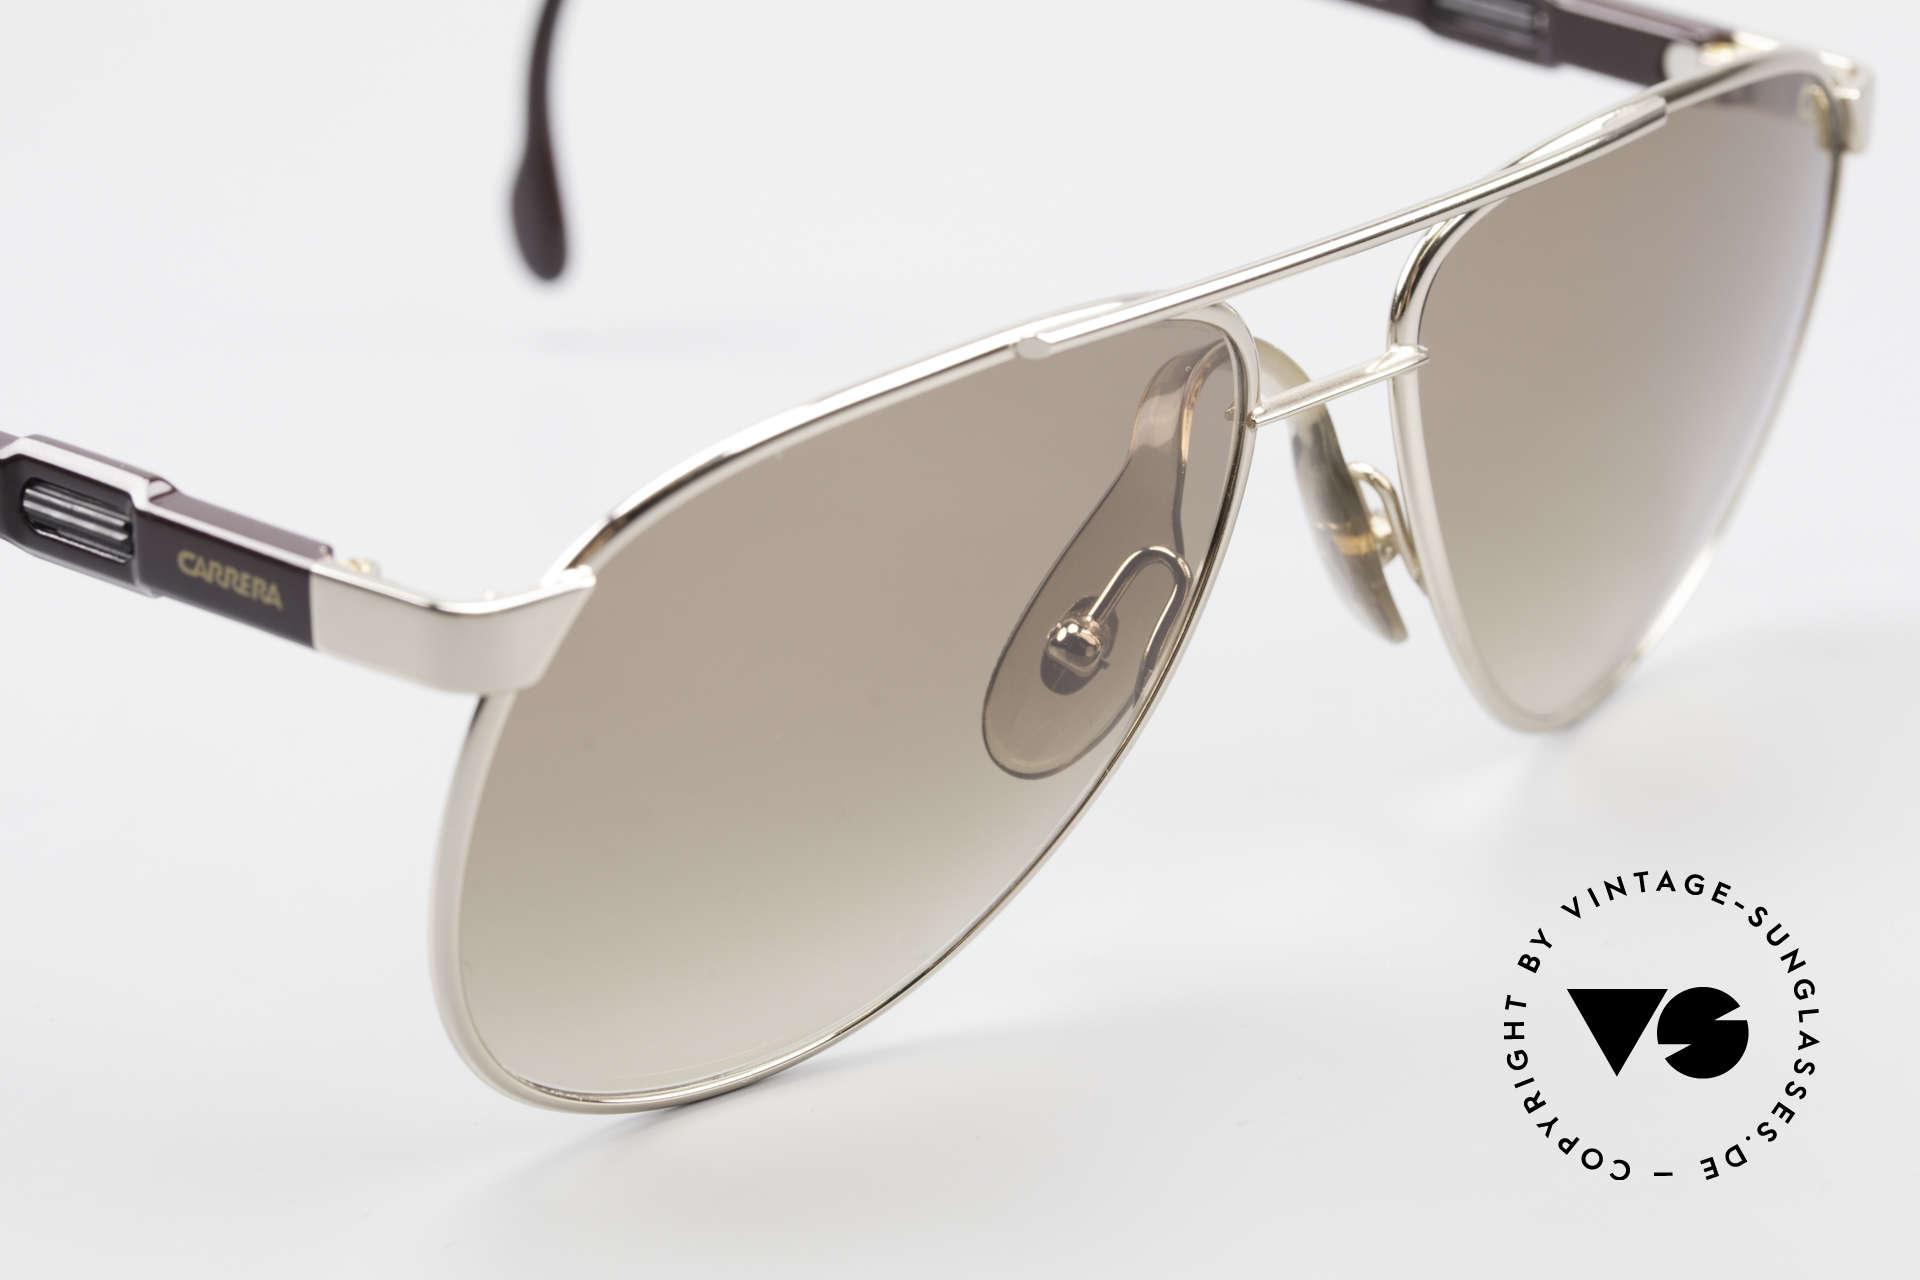 Carrera 5348 80er Vario Sport Sonnenbrille, KEINE Retromode; sondern eine Rarität von 1985, Passend für Herren und Damen